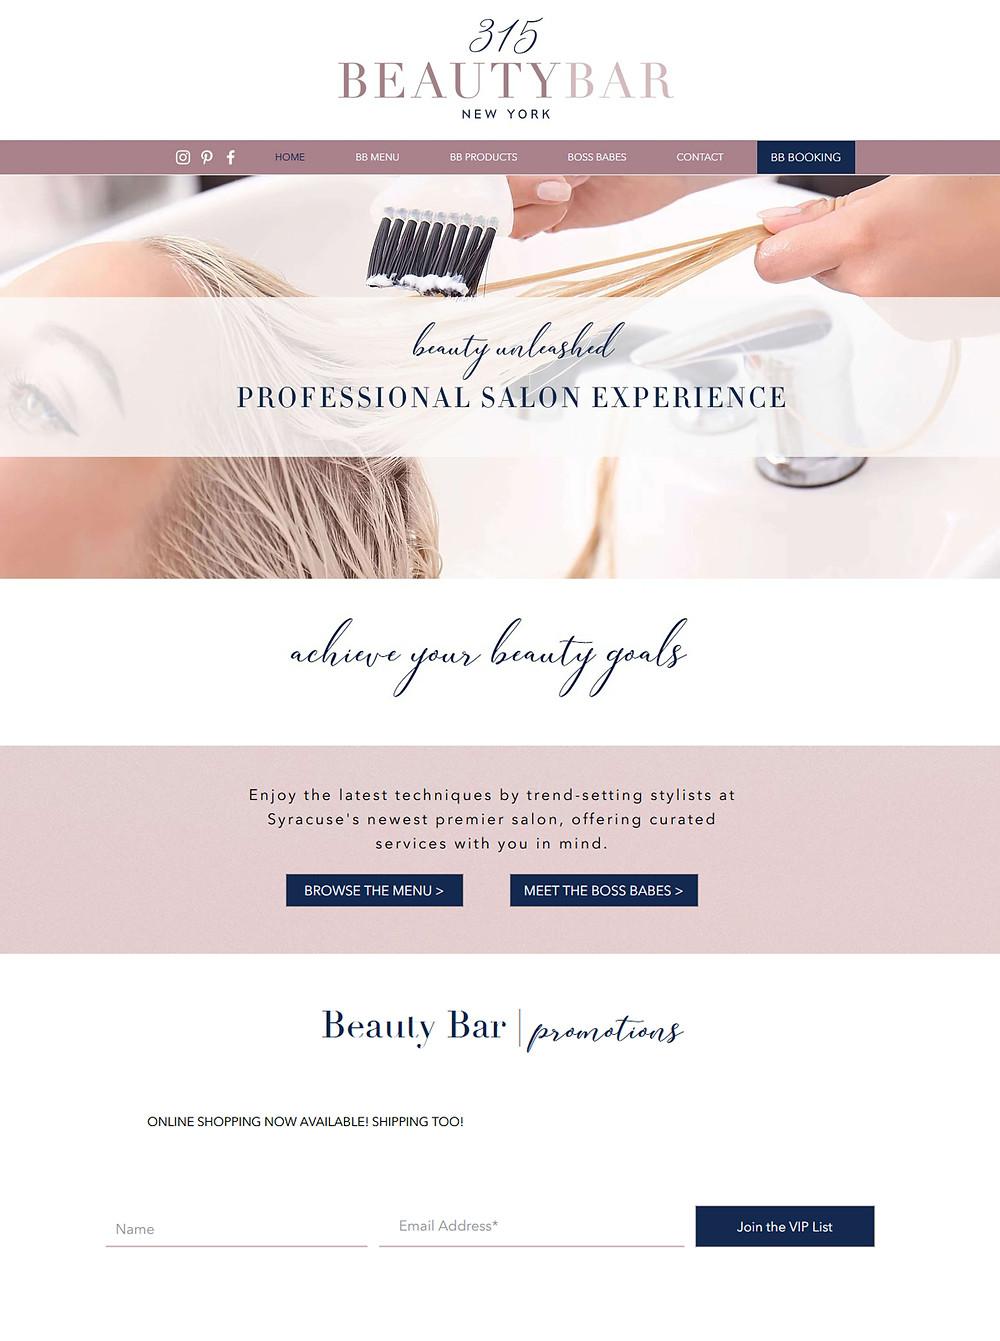 315 Beauty Bar Website